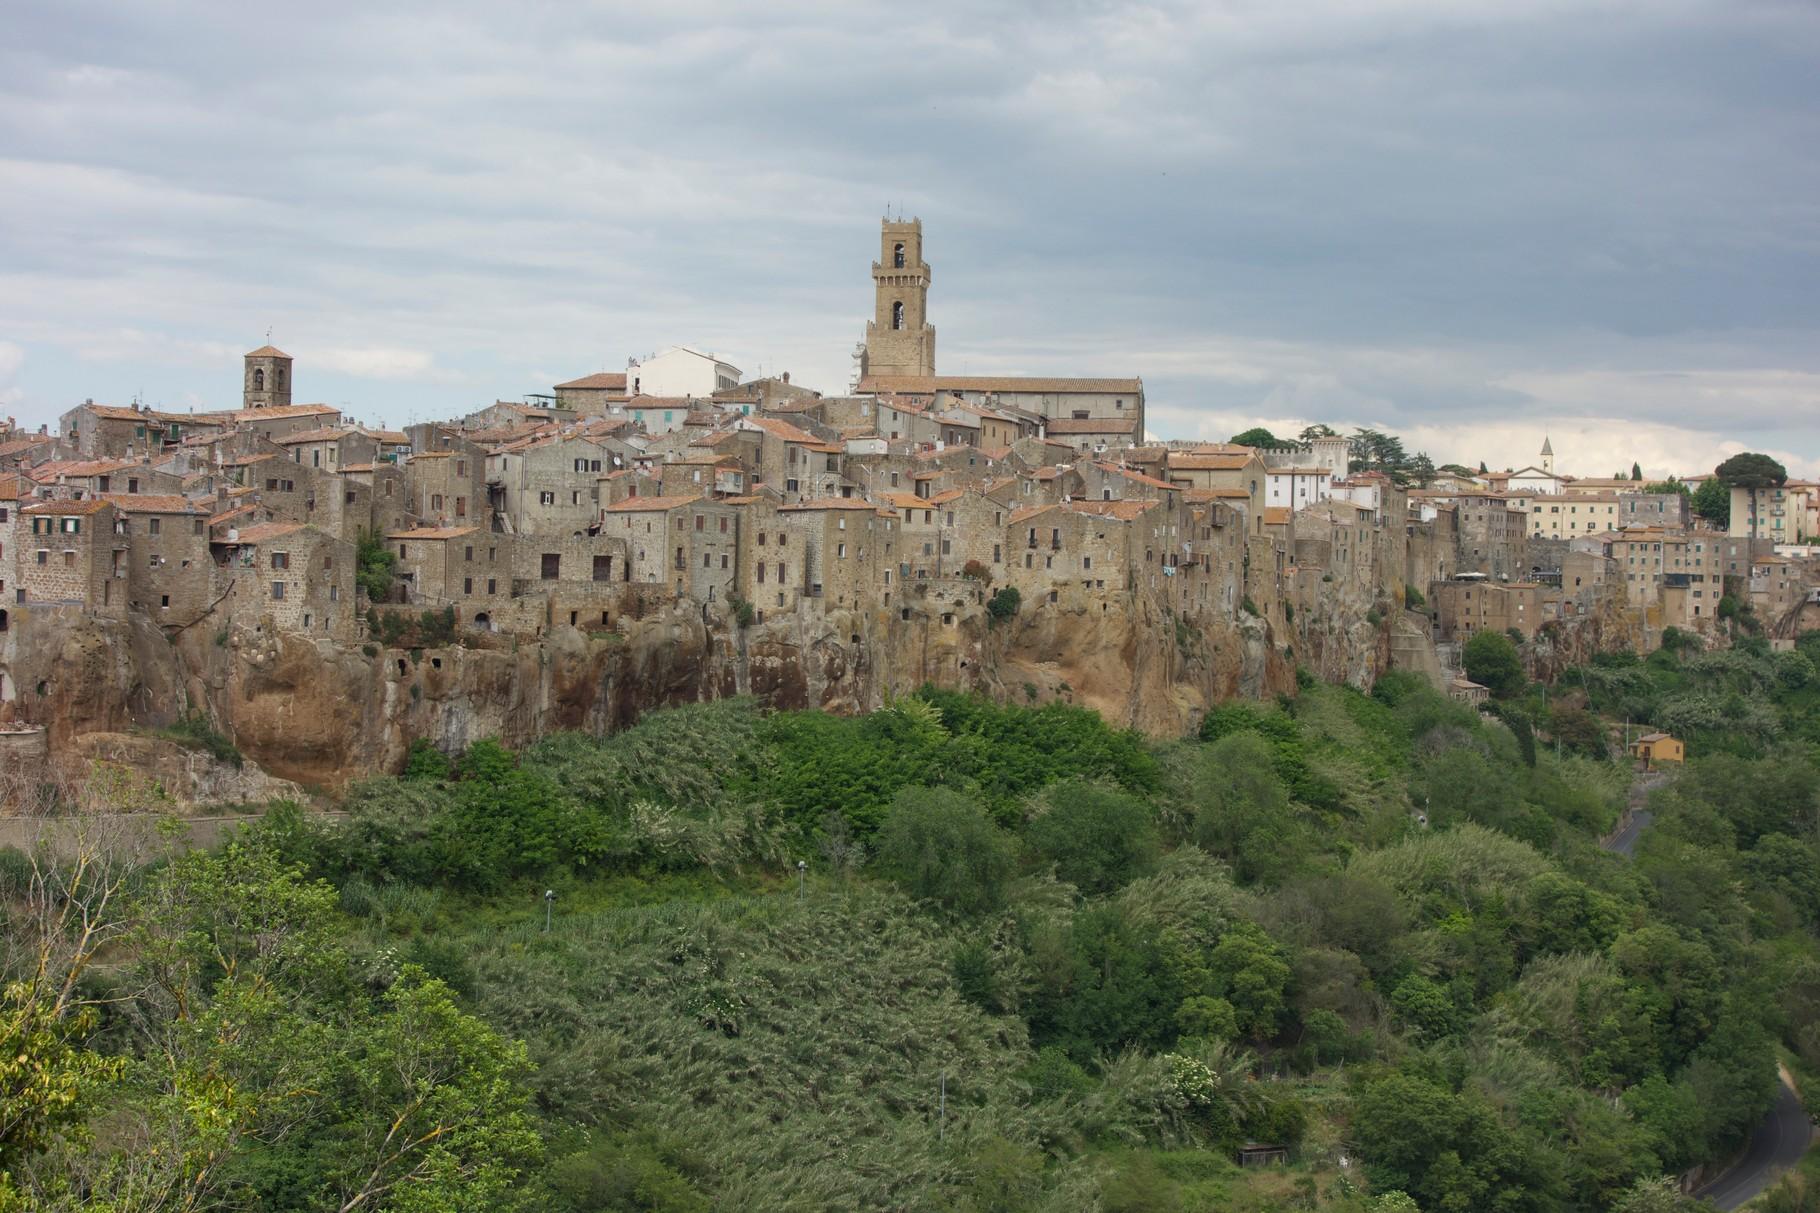 ...und welche mit Dorf. Dieses hier heißt Pitigliano.